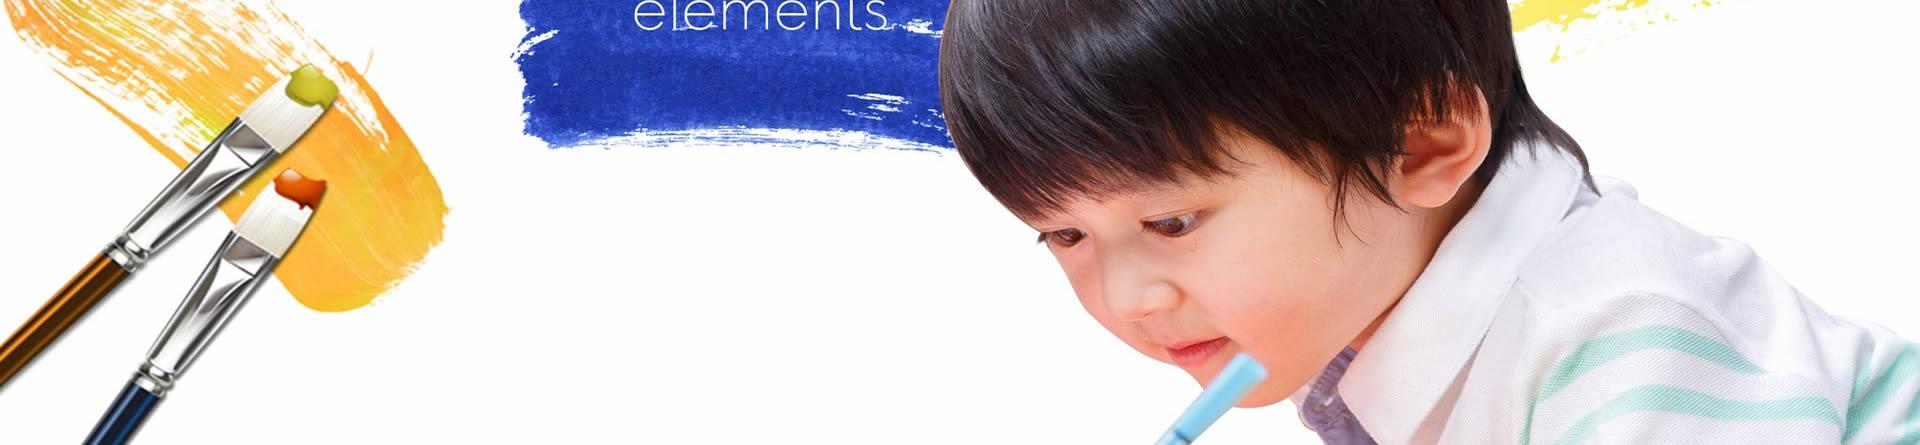 郑州艾瑞克儿童艺术创想